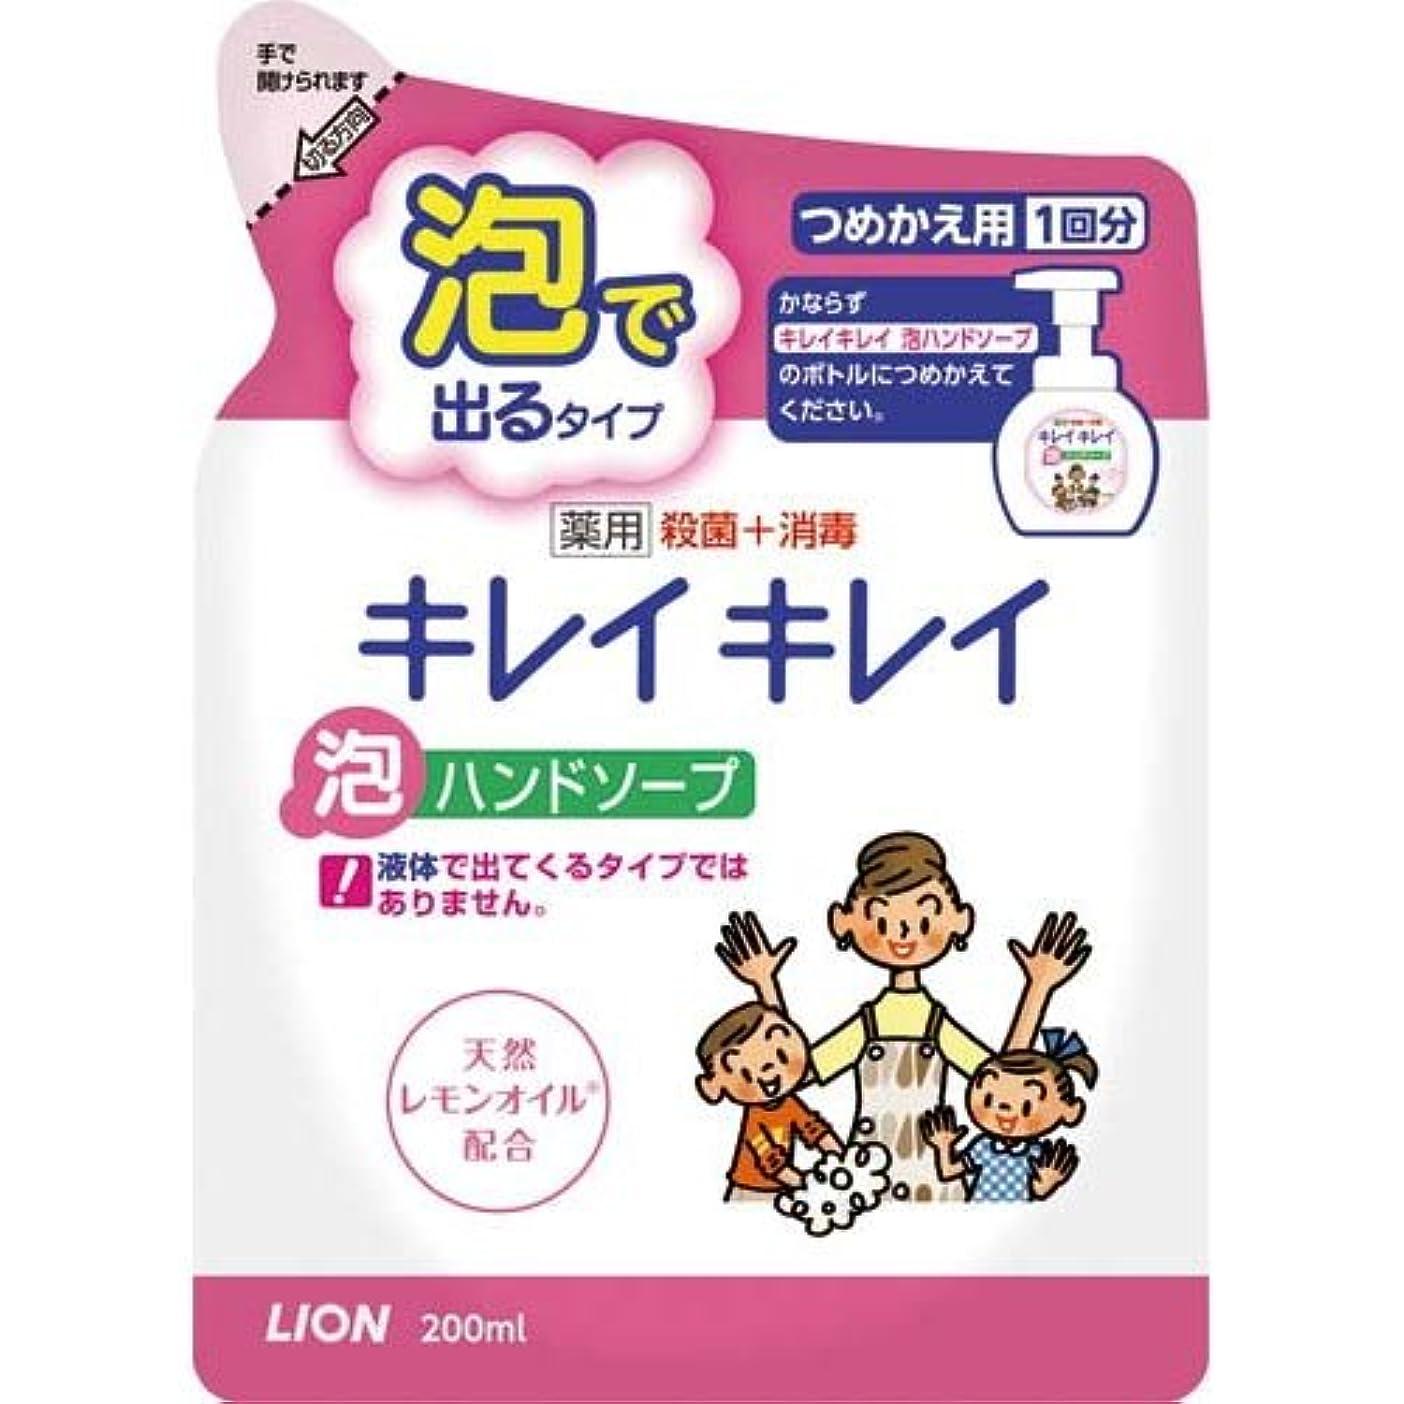 一致同盟翻訳者キレイキレイ 薬用泡ハンドソープ つめかえ用 200mL(医薬部外品) ライオン